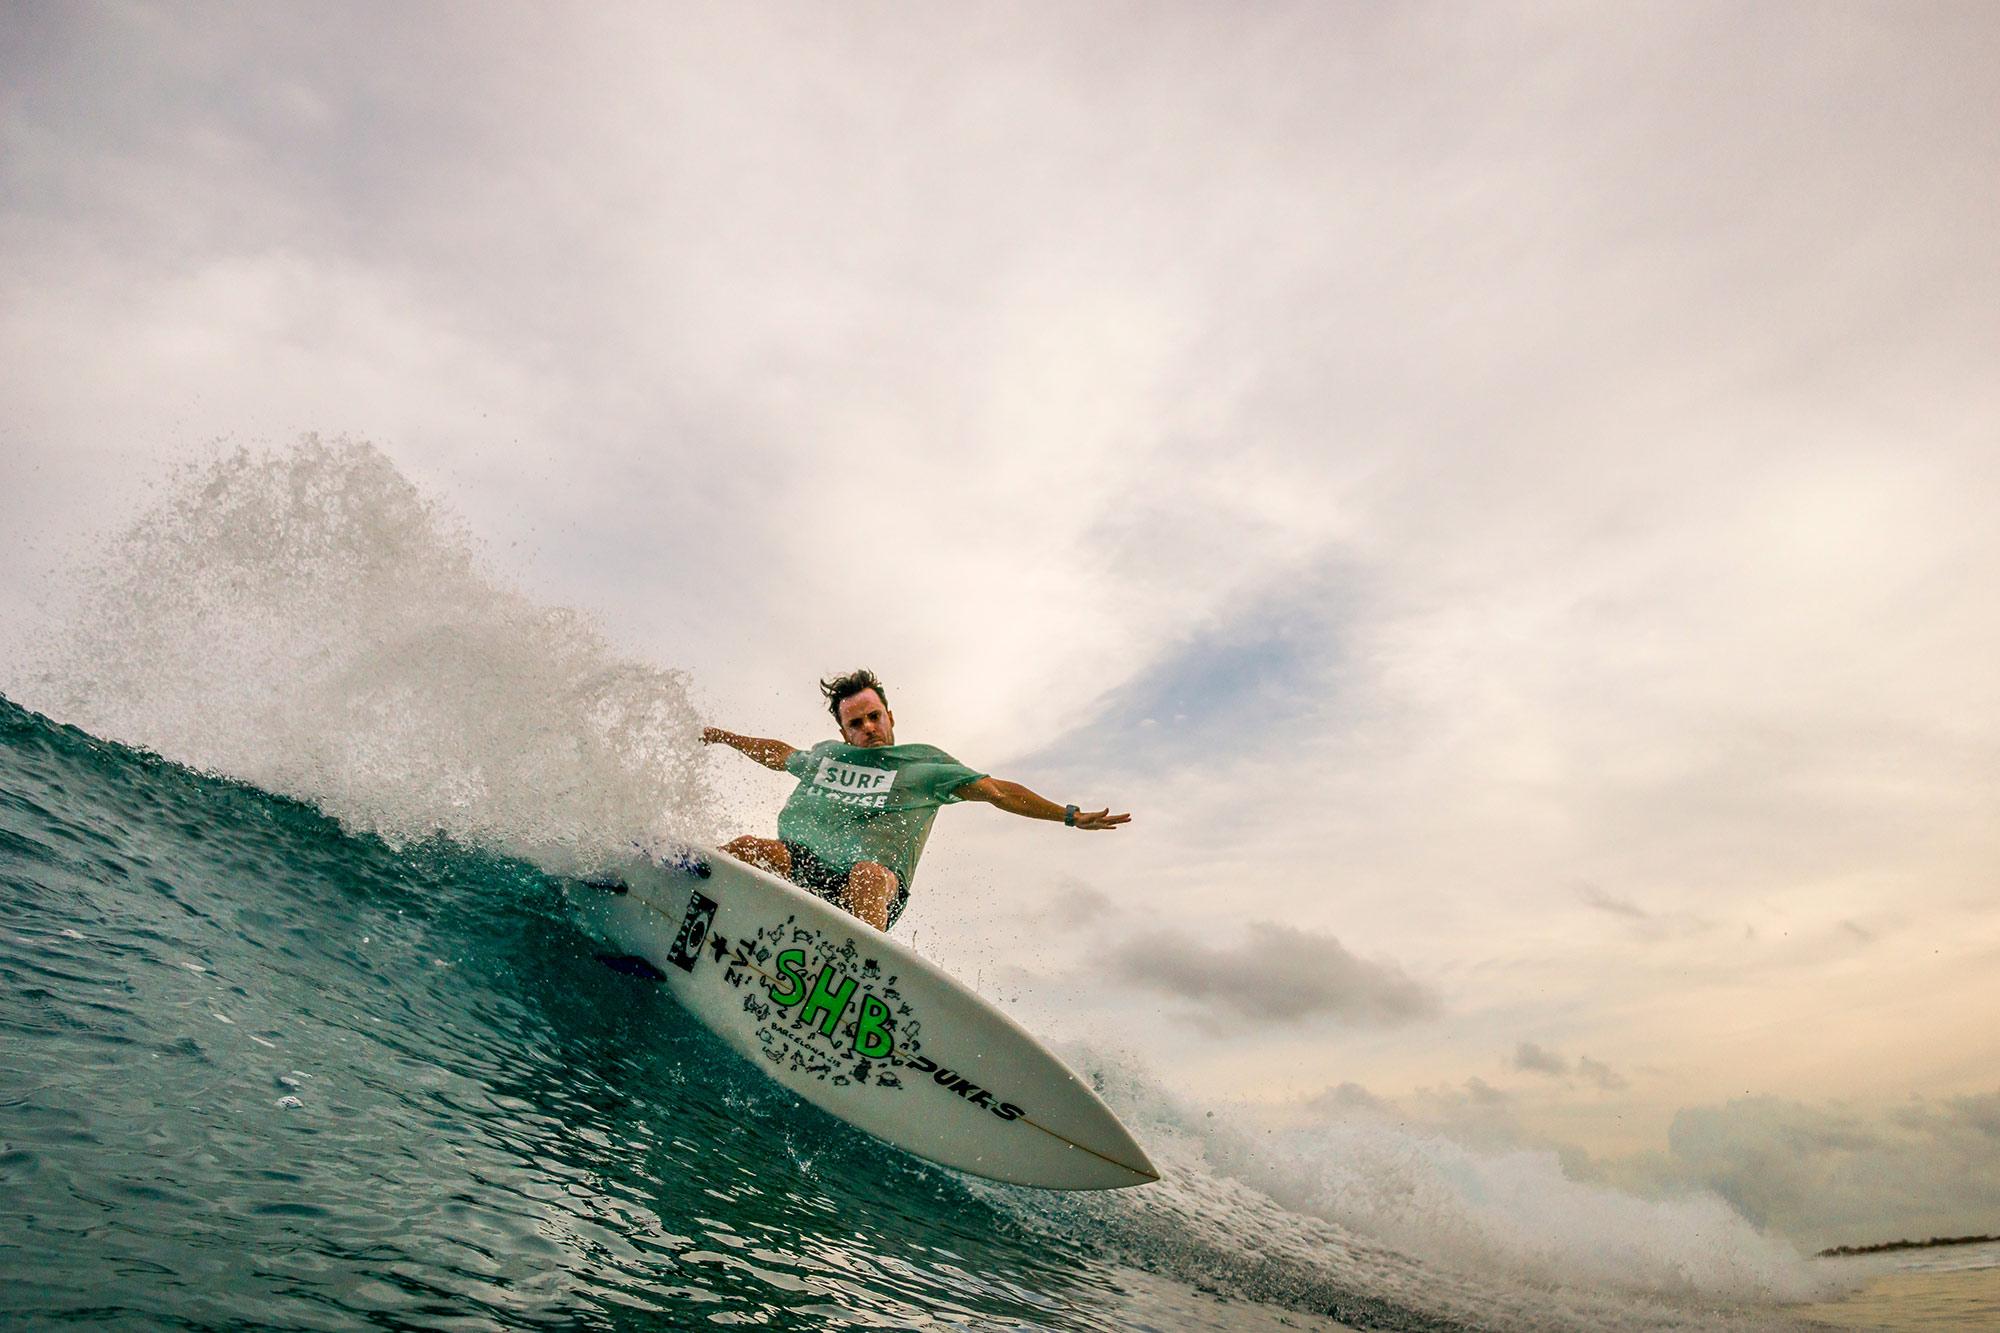 alex-knoepfel-viaje-surf-maldivas-1-